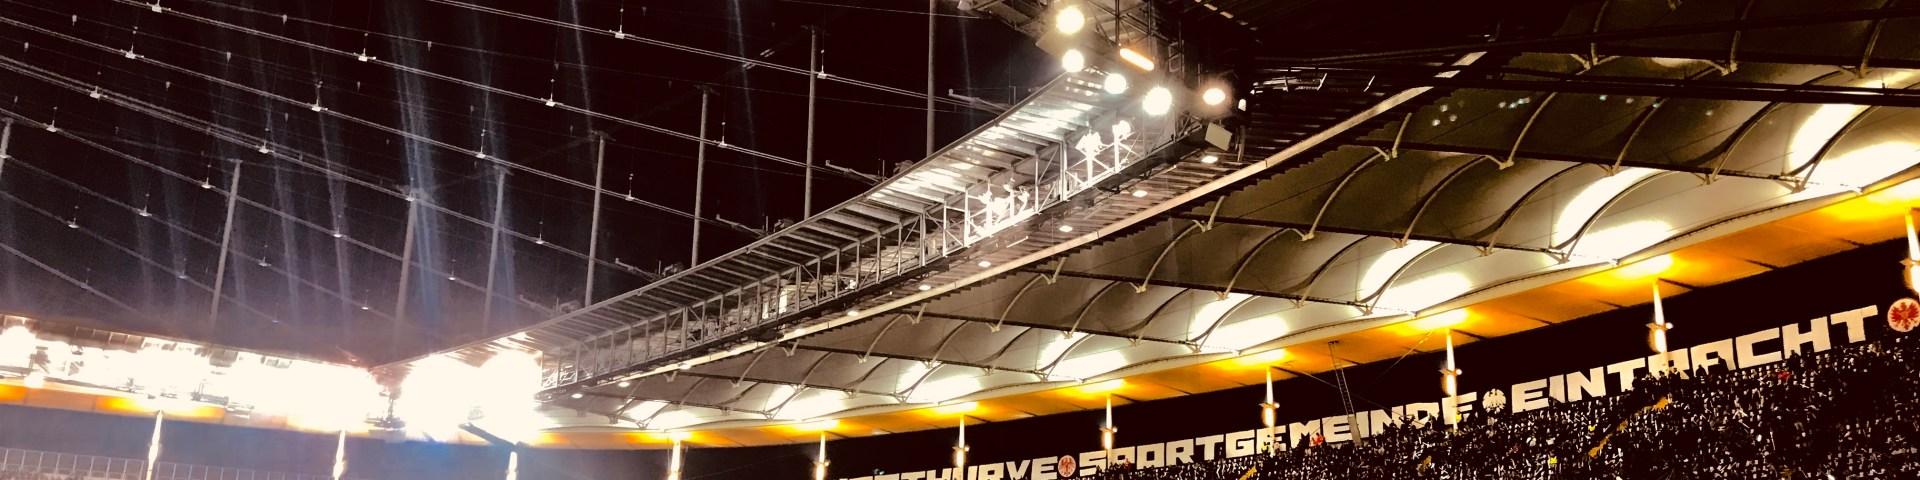 Anspannung, Vorfreude, gute Stimmung. Vor dem Spiel Eintracht Frankfurt gegen Apollon Limassol in der Europa League Gruppenphase.